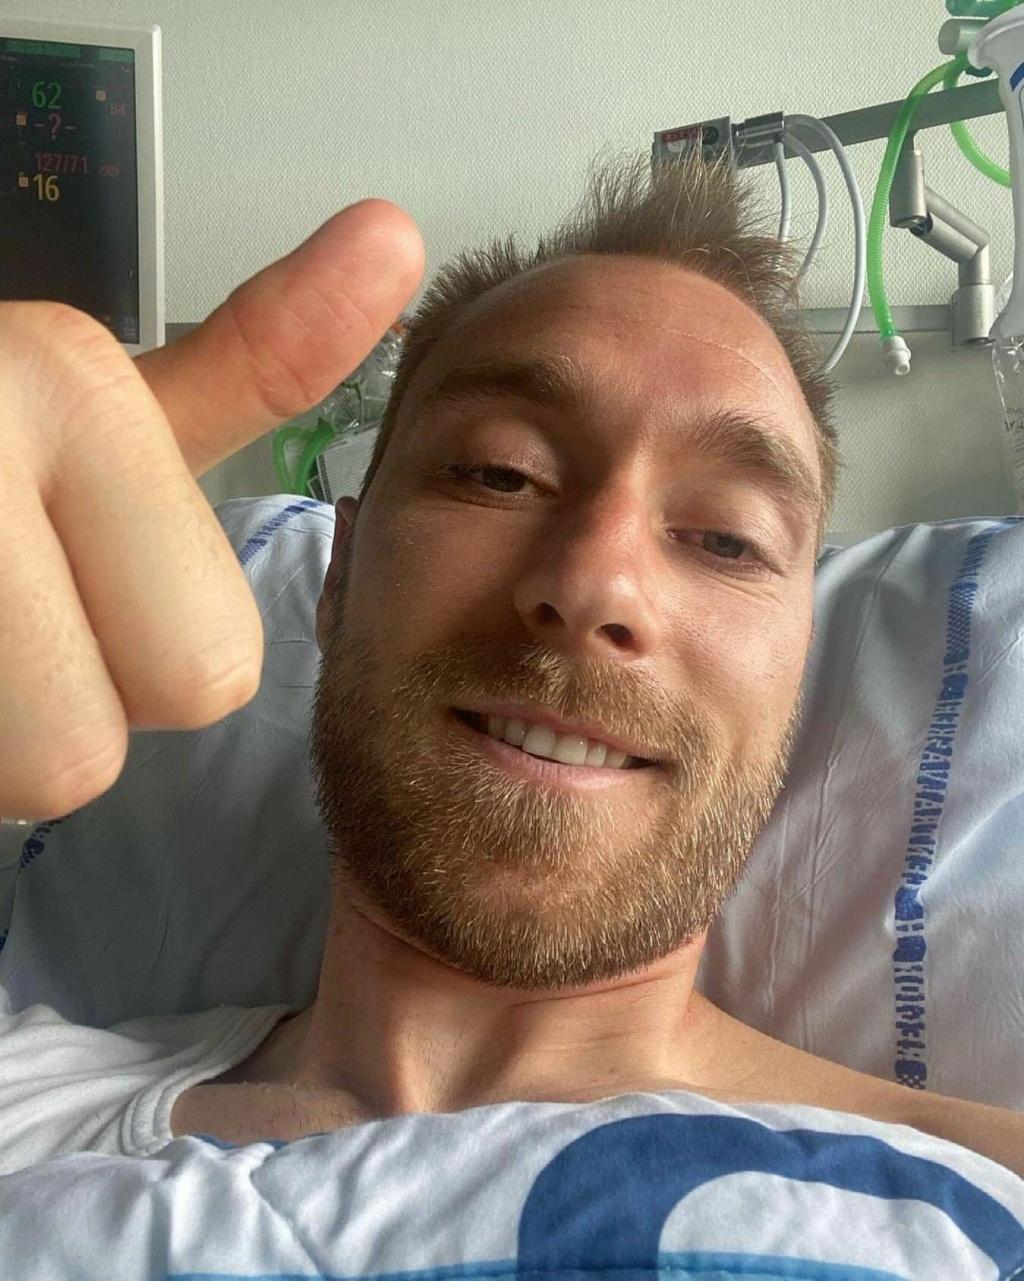 Eriksen: Messaggio di speranza dall'ospedale Erikse10